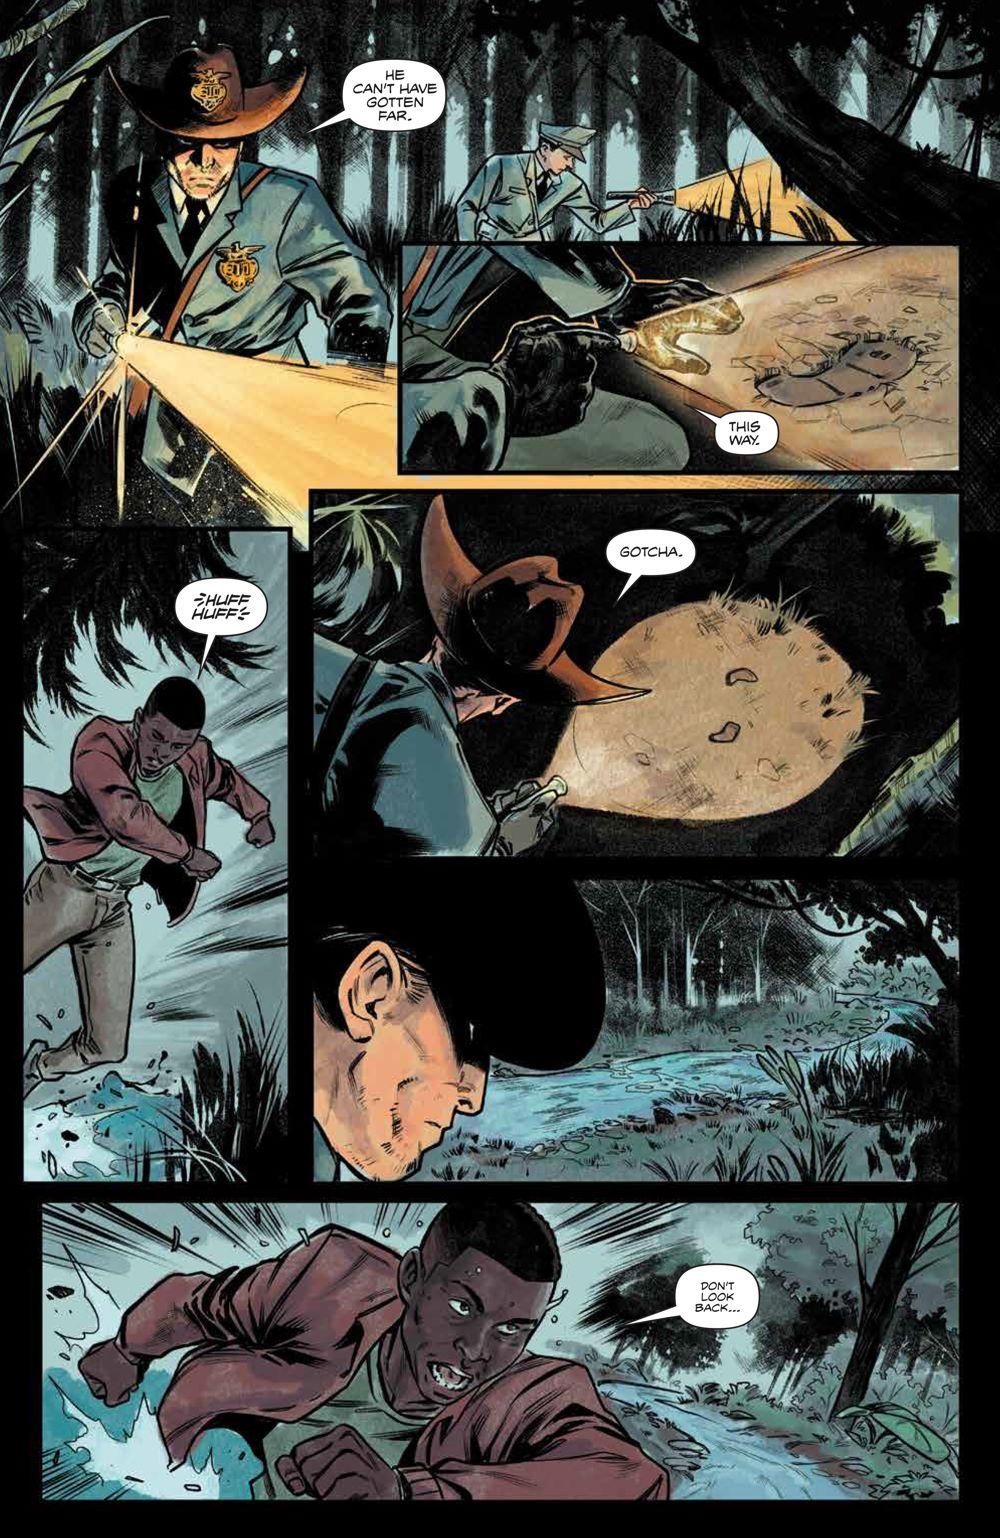 DarkBlood_003_PRESS_8 ComicList Previews: DARK BLOOD #3 (OF 6)